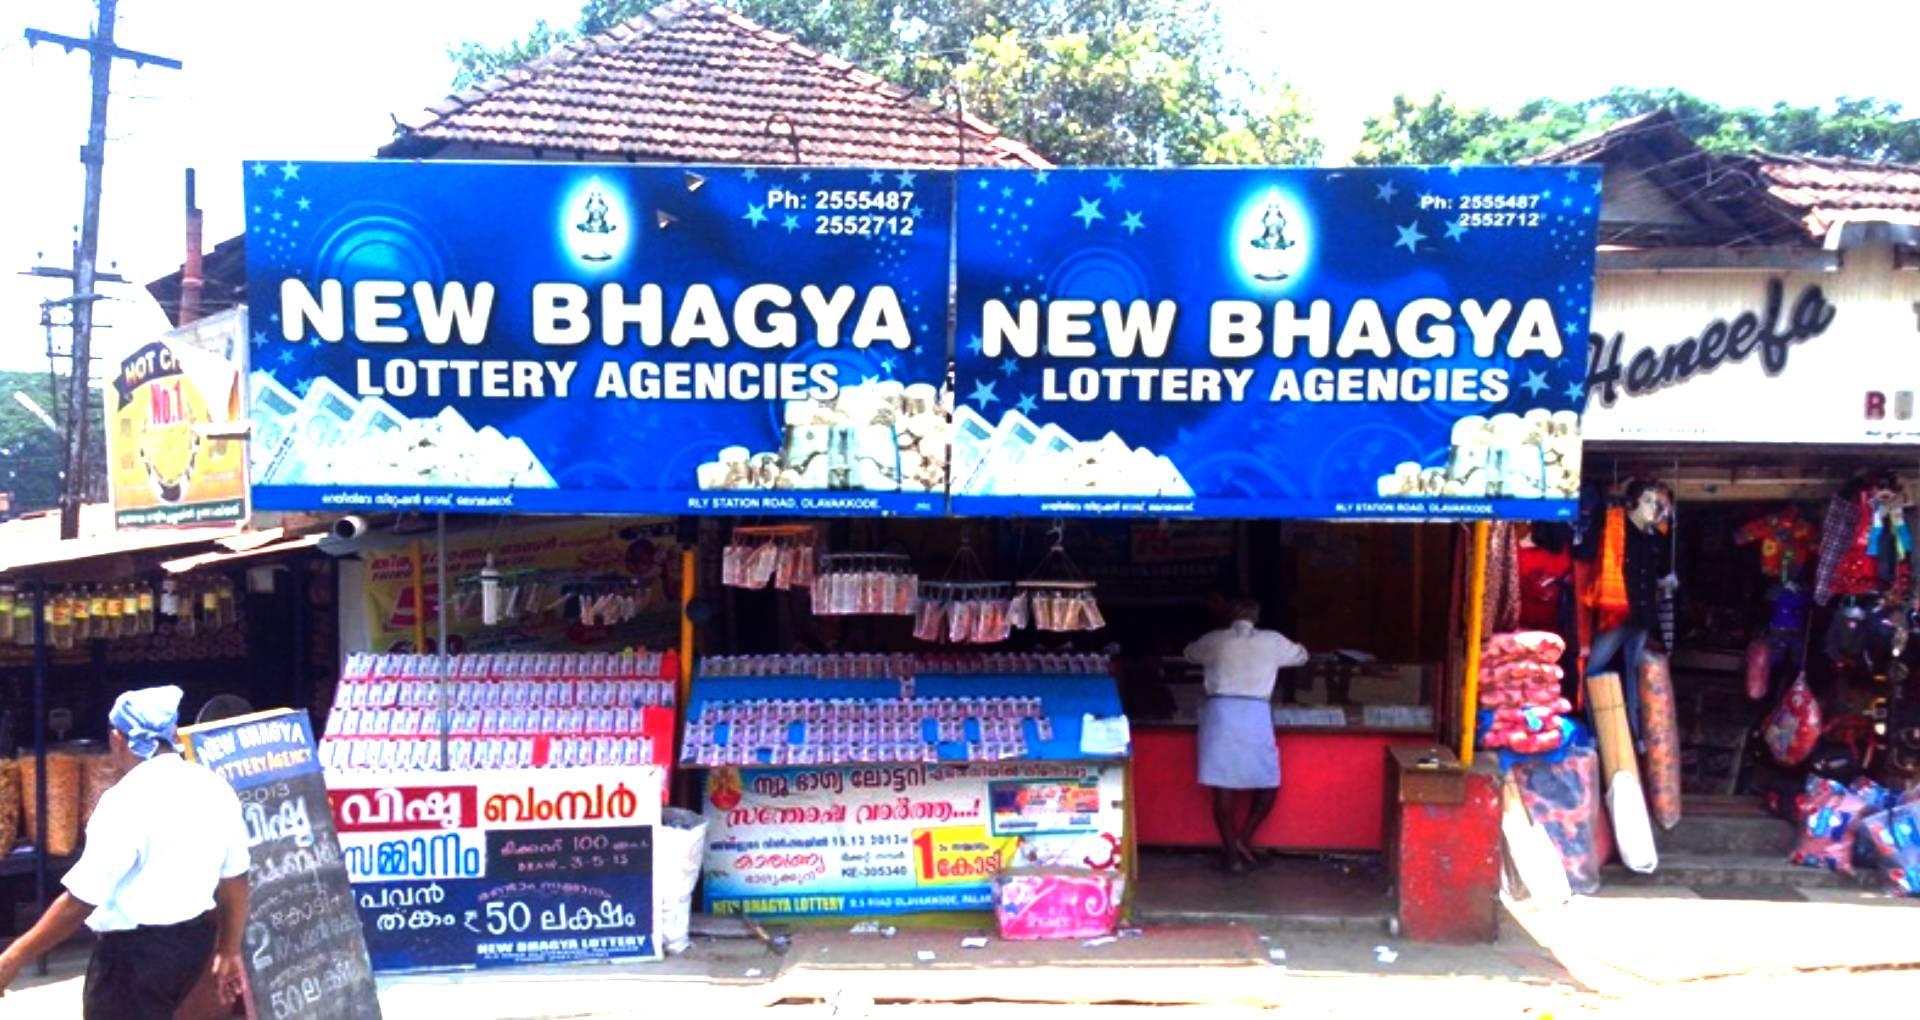 Kerala Lottery Sthree Sakthi SS-174 Result Out: केरल स्त्री शक्ति लॉटरी का रिजल्ट जारी, ये लोग बने लखपति